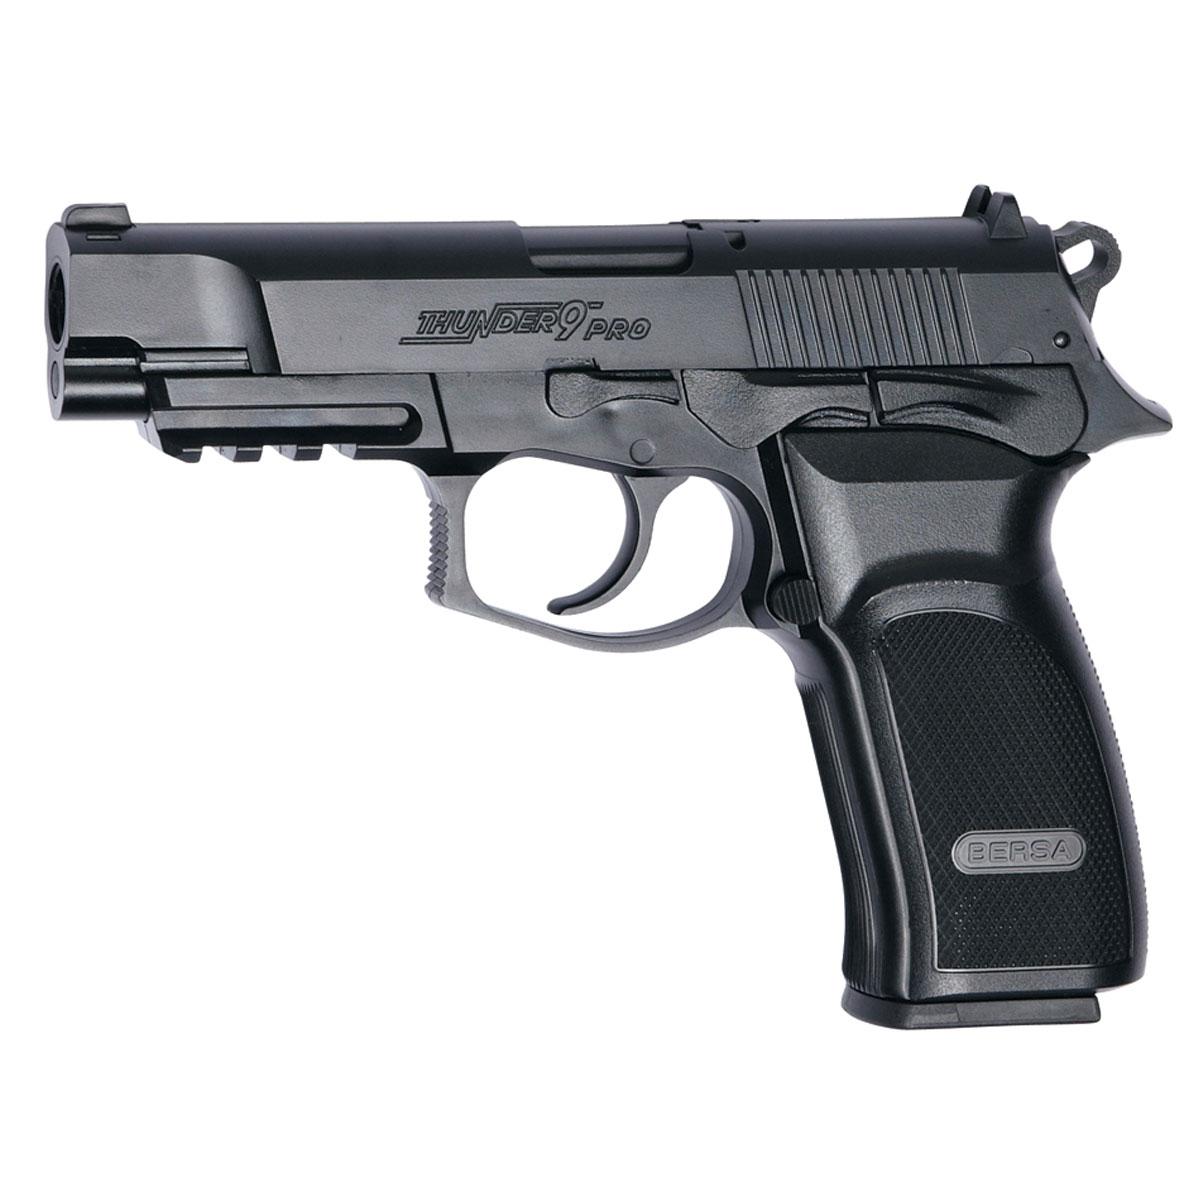 """Реплика пистолета Bersa Thunder 9 PRO. Это легчайший полноразмерный полуавтоматический пистолет с эргономичным дизайном, производимый по лицензии аргентинской компании Bersa. Стрельба самовзводом с высокой скоростью, планка """"Пикатинни"""" под стволом для крепления фонаря или ЛЦУ. При  выстреле производит звук,  напоминающий  хлопок  приоткрывании бутылки шампанского. На громкий звук огнестрельного выстрела он не похож. Для пневматических пистолетов прицельная дальность, стандартно, составляет 15-20 метров.Опасной считается дальность до 300 метров.Версия не-блоубэк (при выстреле """"затвор"""" остается неподвижным).Возврат  товара  возможен только при наличии заключения сервисного центра.Время работы сервисного центра: Пн-чт: 10.00-18.00Пт: 10.00- 17.00Сб, Вс: выходные дниАдрес: ООО """"ГАТО"""", 121471, г.Москва,  ул.  Петра  Алексеева,  д  12., тел. (495)232-4670, gato@gato.ru"""